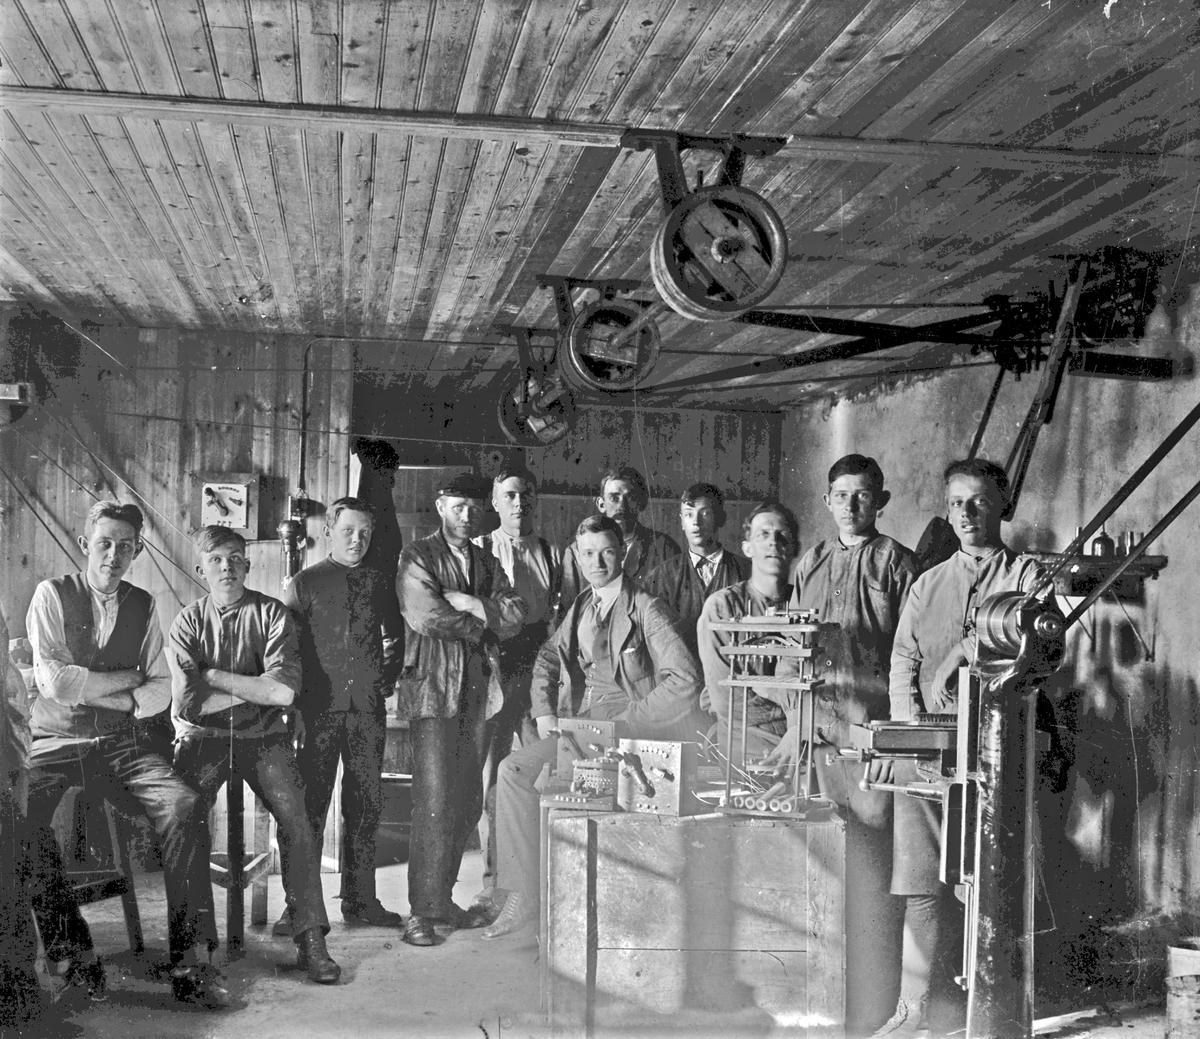 AB Elektro-Apparat, grundat 1916. Interiör med de anställda i företagets första lokal i det s k Hampens hus, troligen på Skepparegatan.  OBS: Negativet spegelvänt vid skanning.